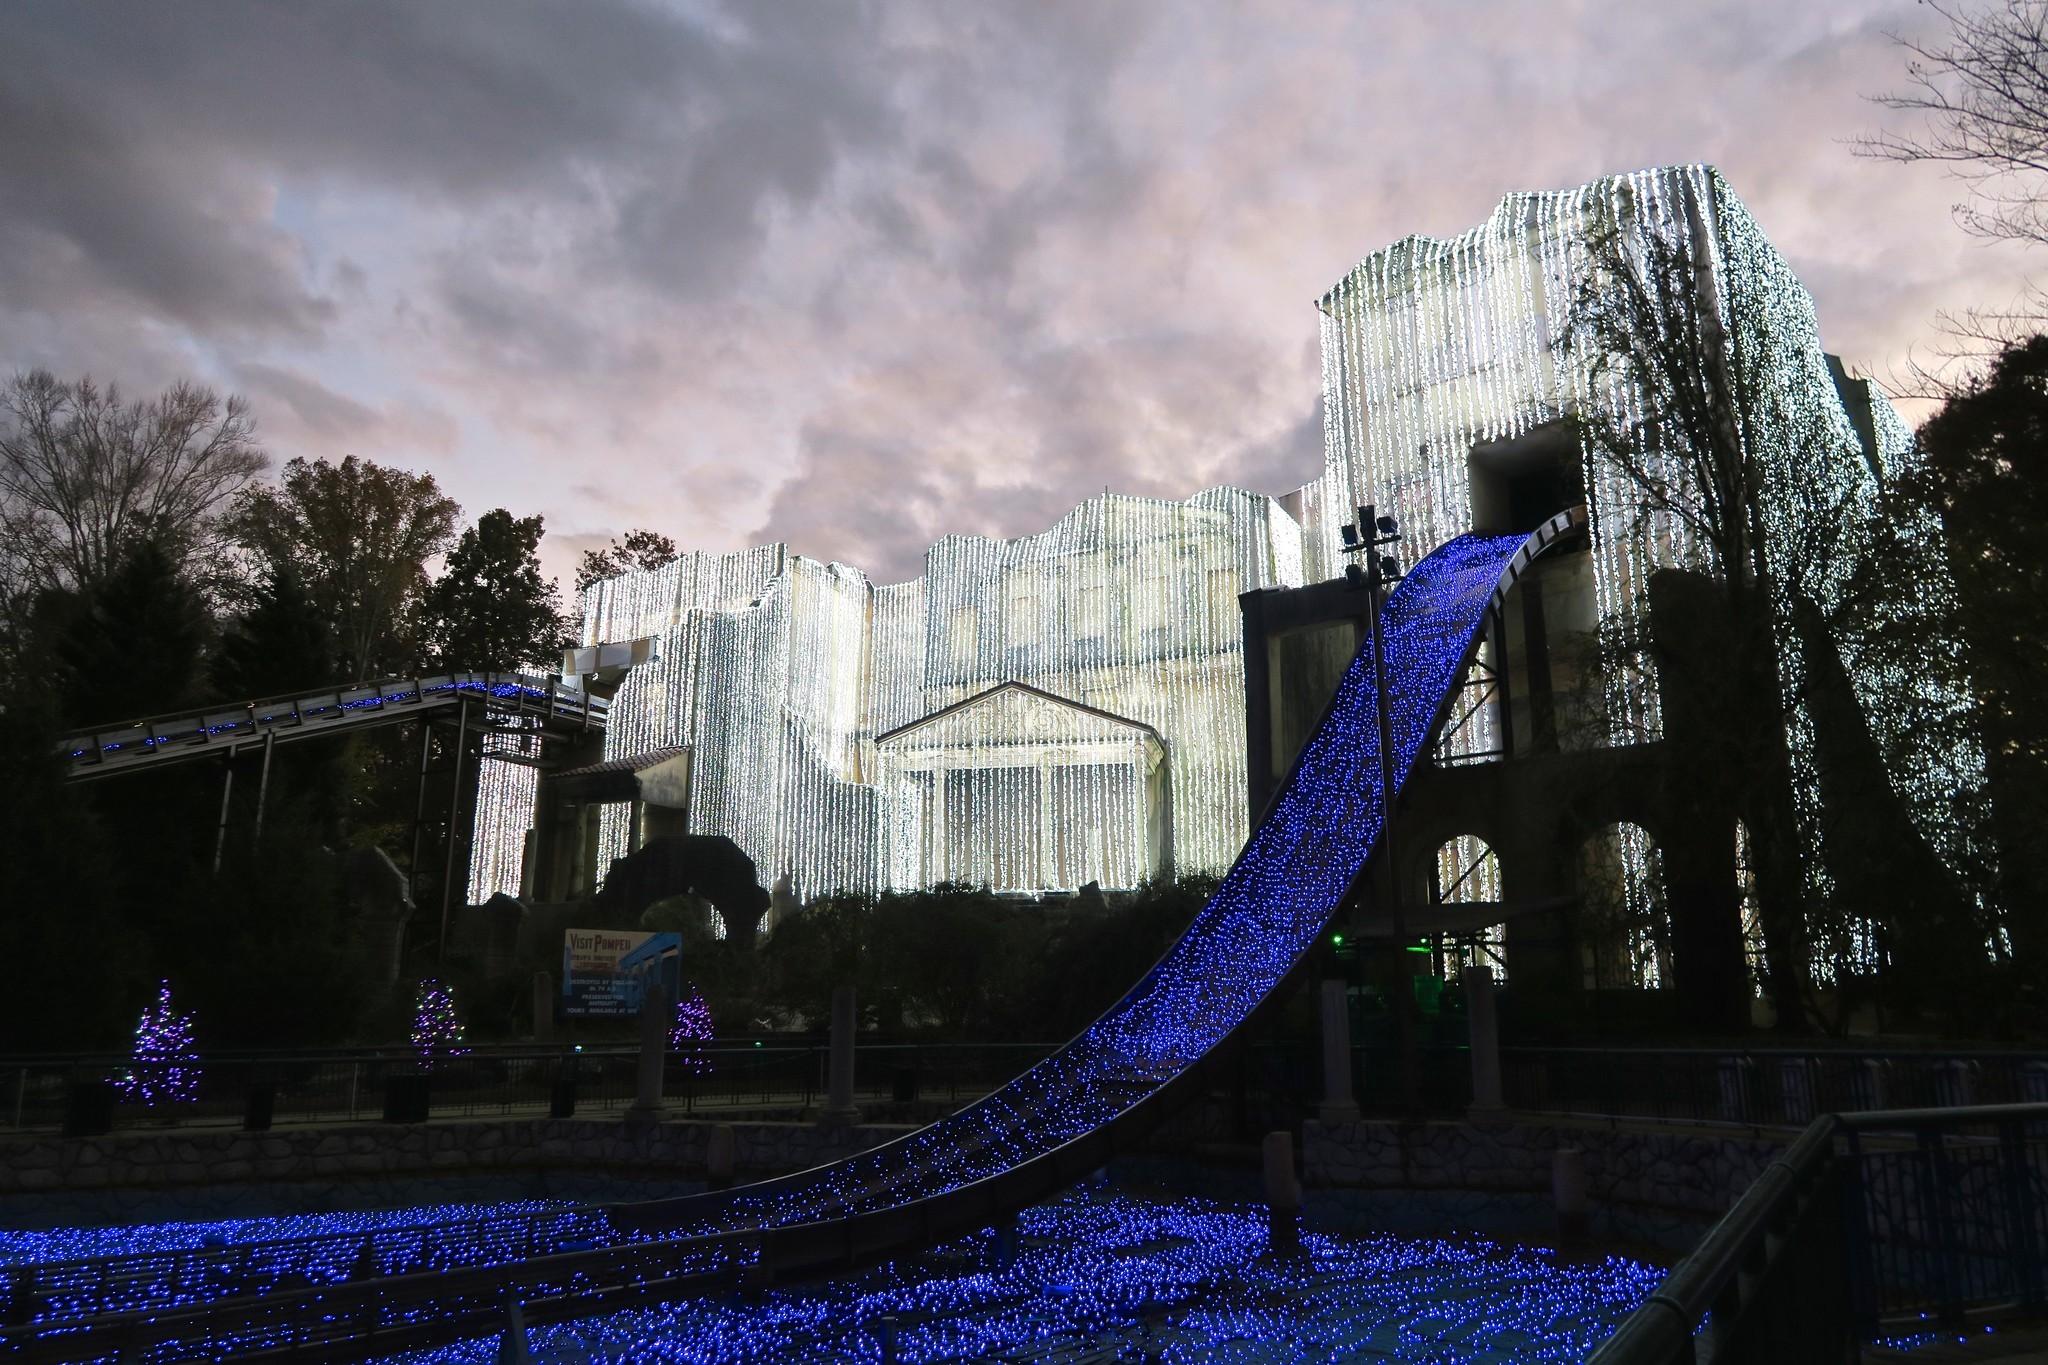 Busch Gardens Christmas Town Dates 2021 Busch Gardens Announces Christmas Town Dates Attractions Daily Press